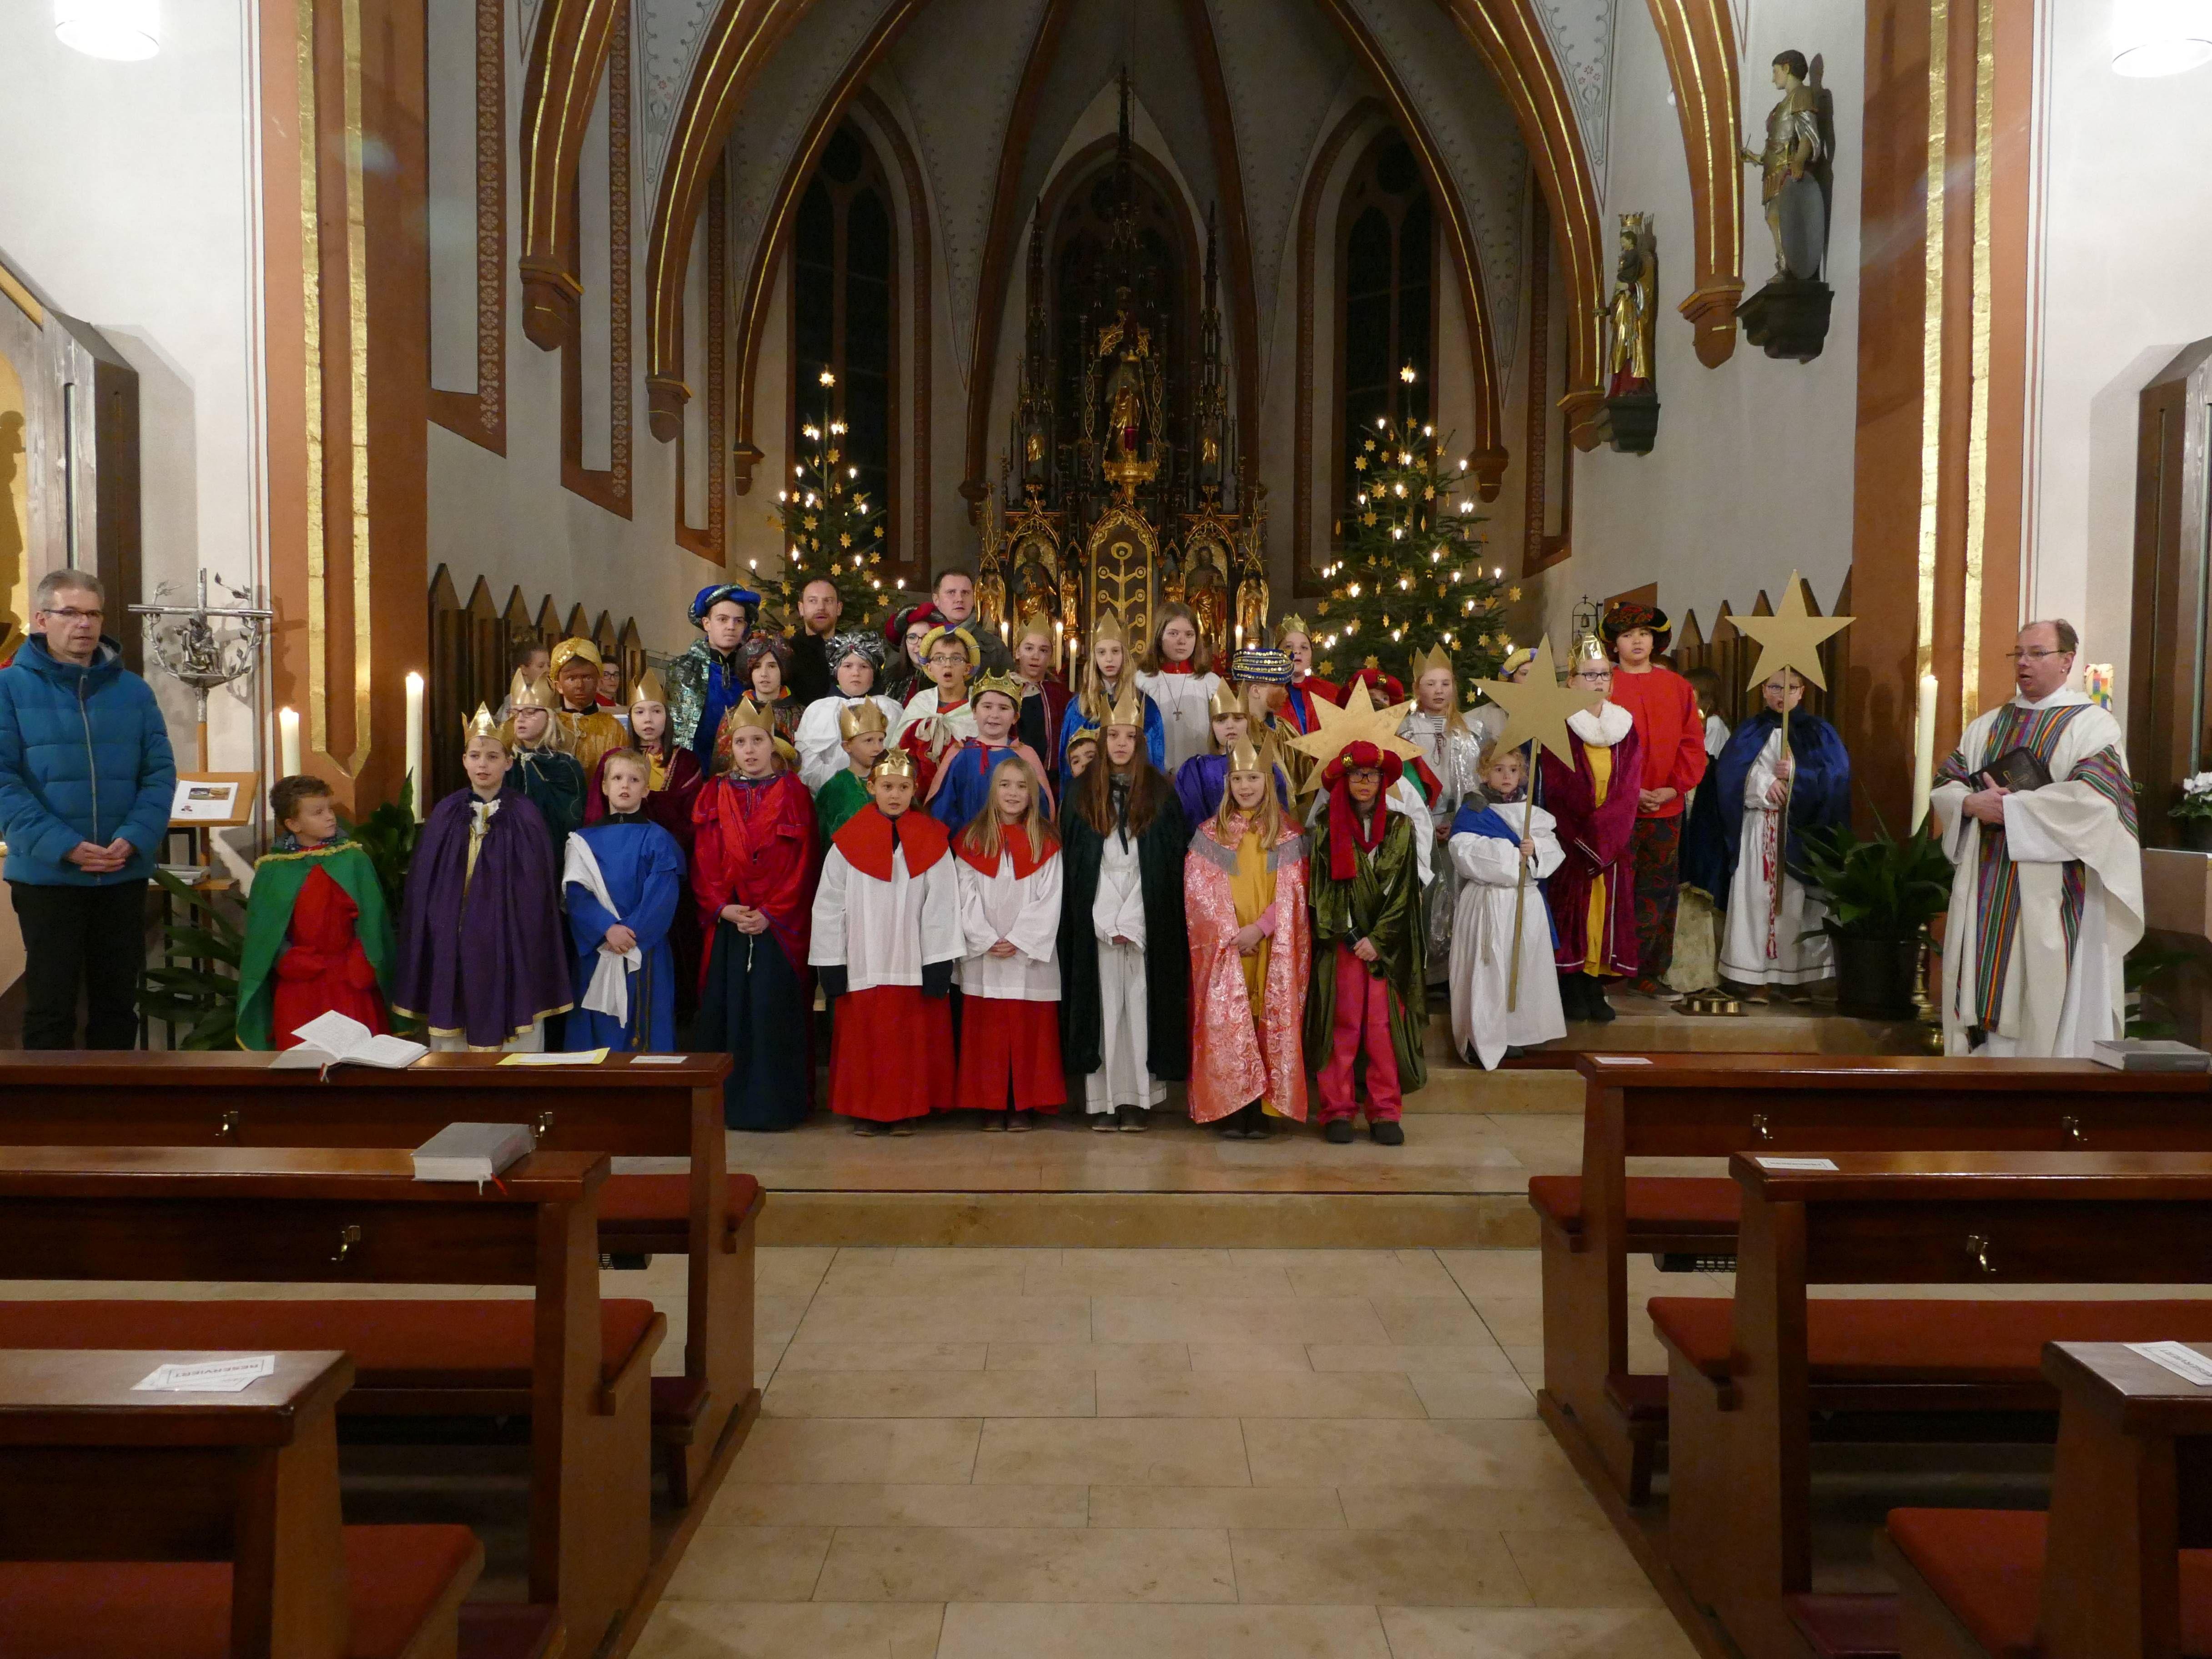 Gemeinsam wurden die Sternsinger der Pfarreiengemeinschaft Kirchzell (Dekanat Miltenberg) ausgesandt, bevor sie sich auf die Ortschaften Breitenbuch, Kirchzell, Ottorfszell, Preunschen und Watterbach aufteilten.